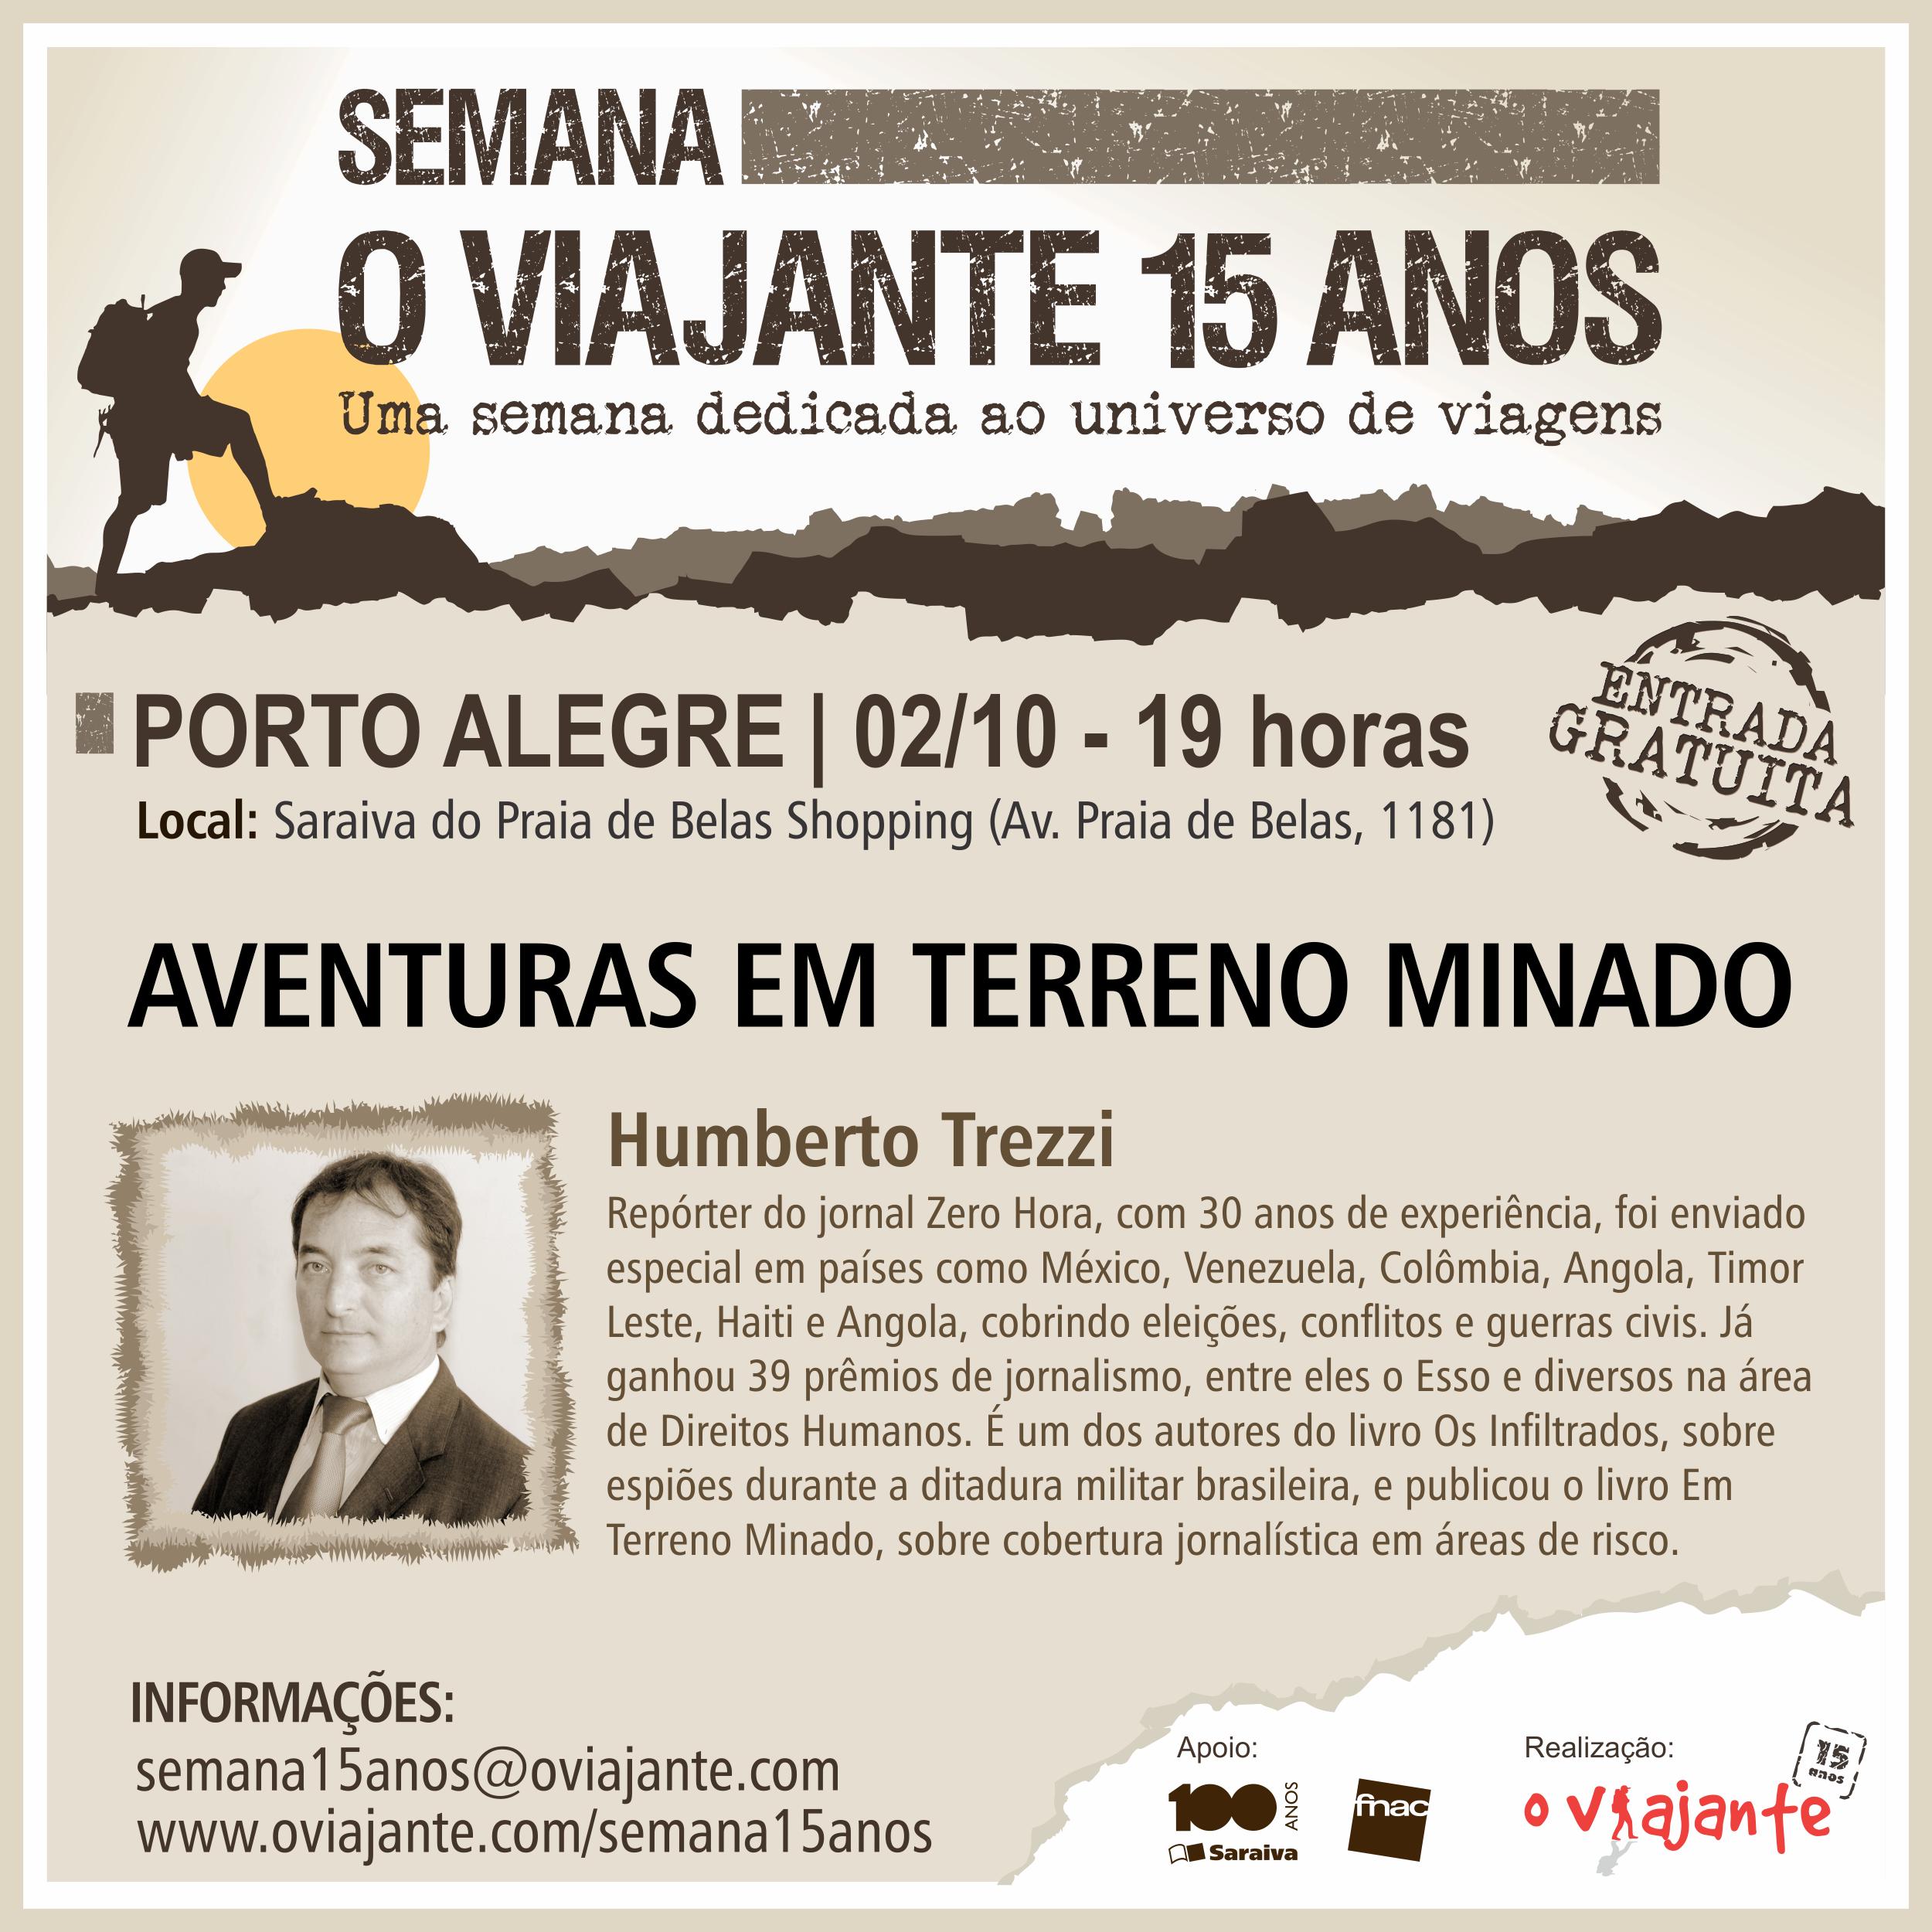 Humberto Trezzi_02_10